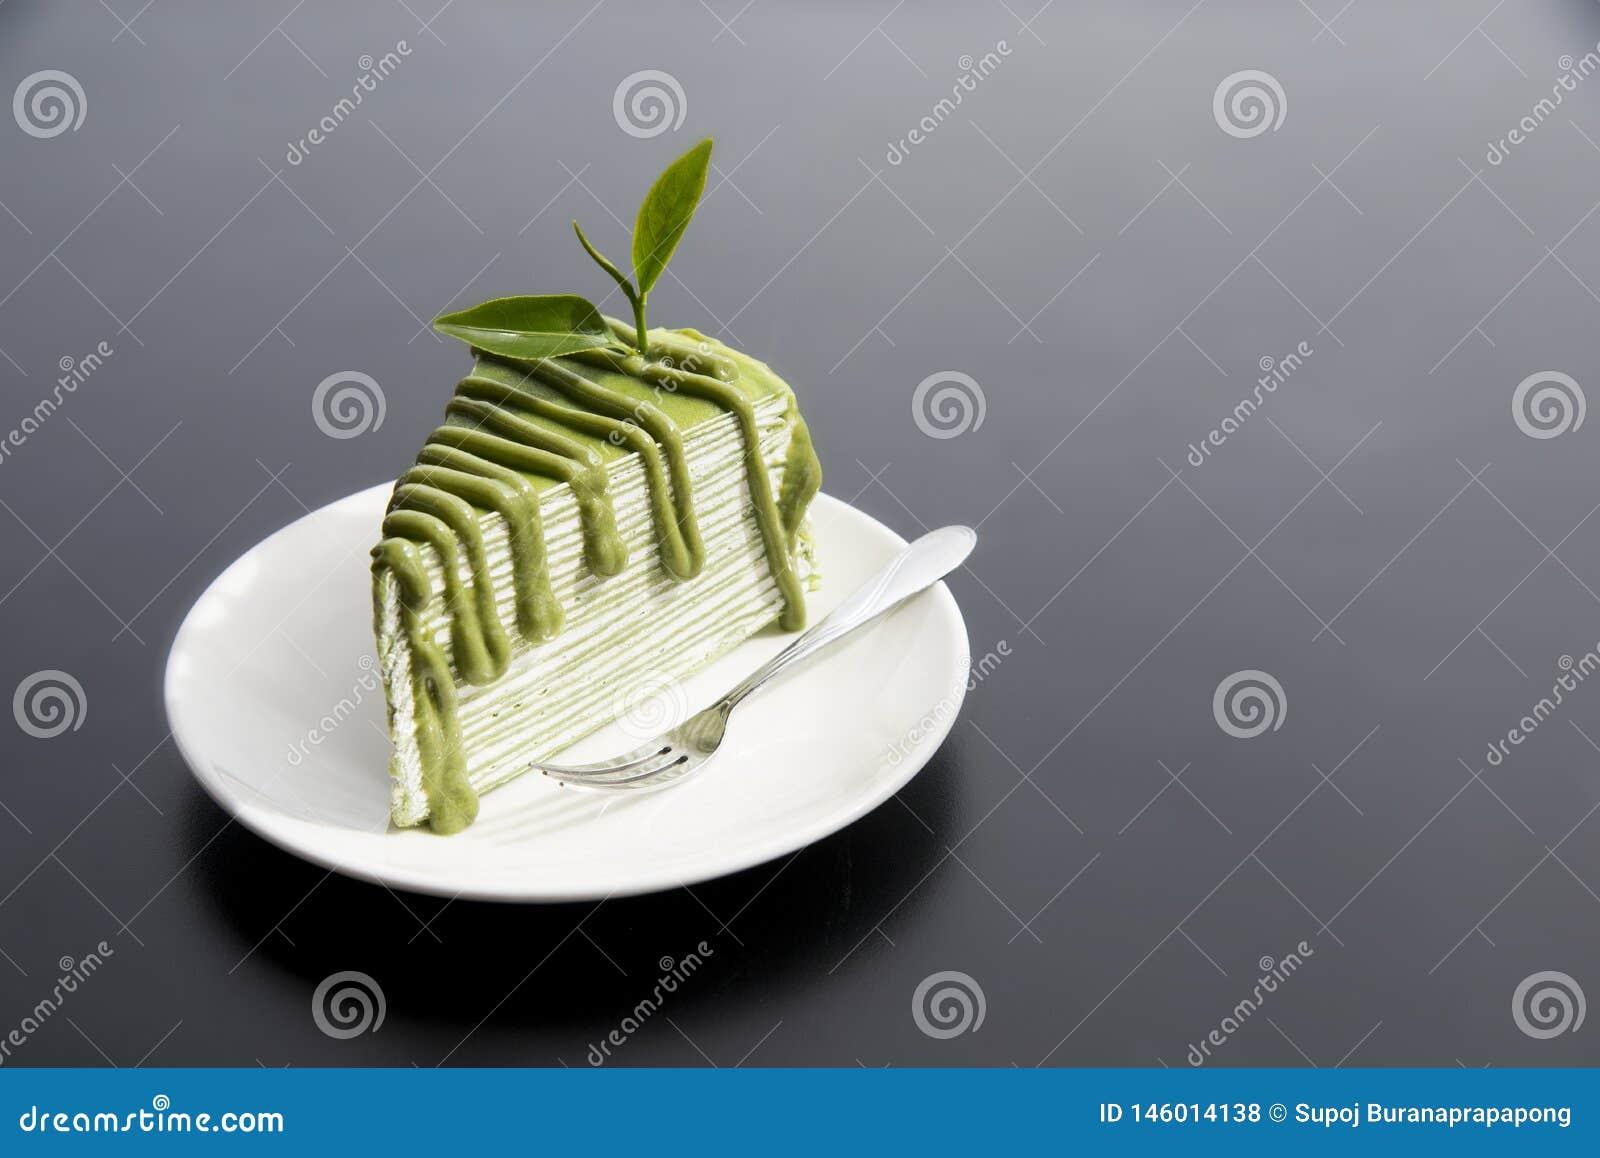 Japanischer Kuchen grünen Tees Matcha mit Teeblättern in der weißen Platte auf moderner schwarzer Tabelle im Hintergrund